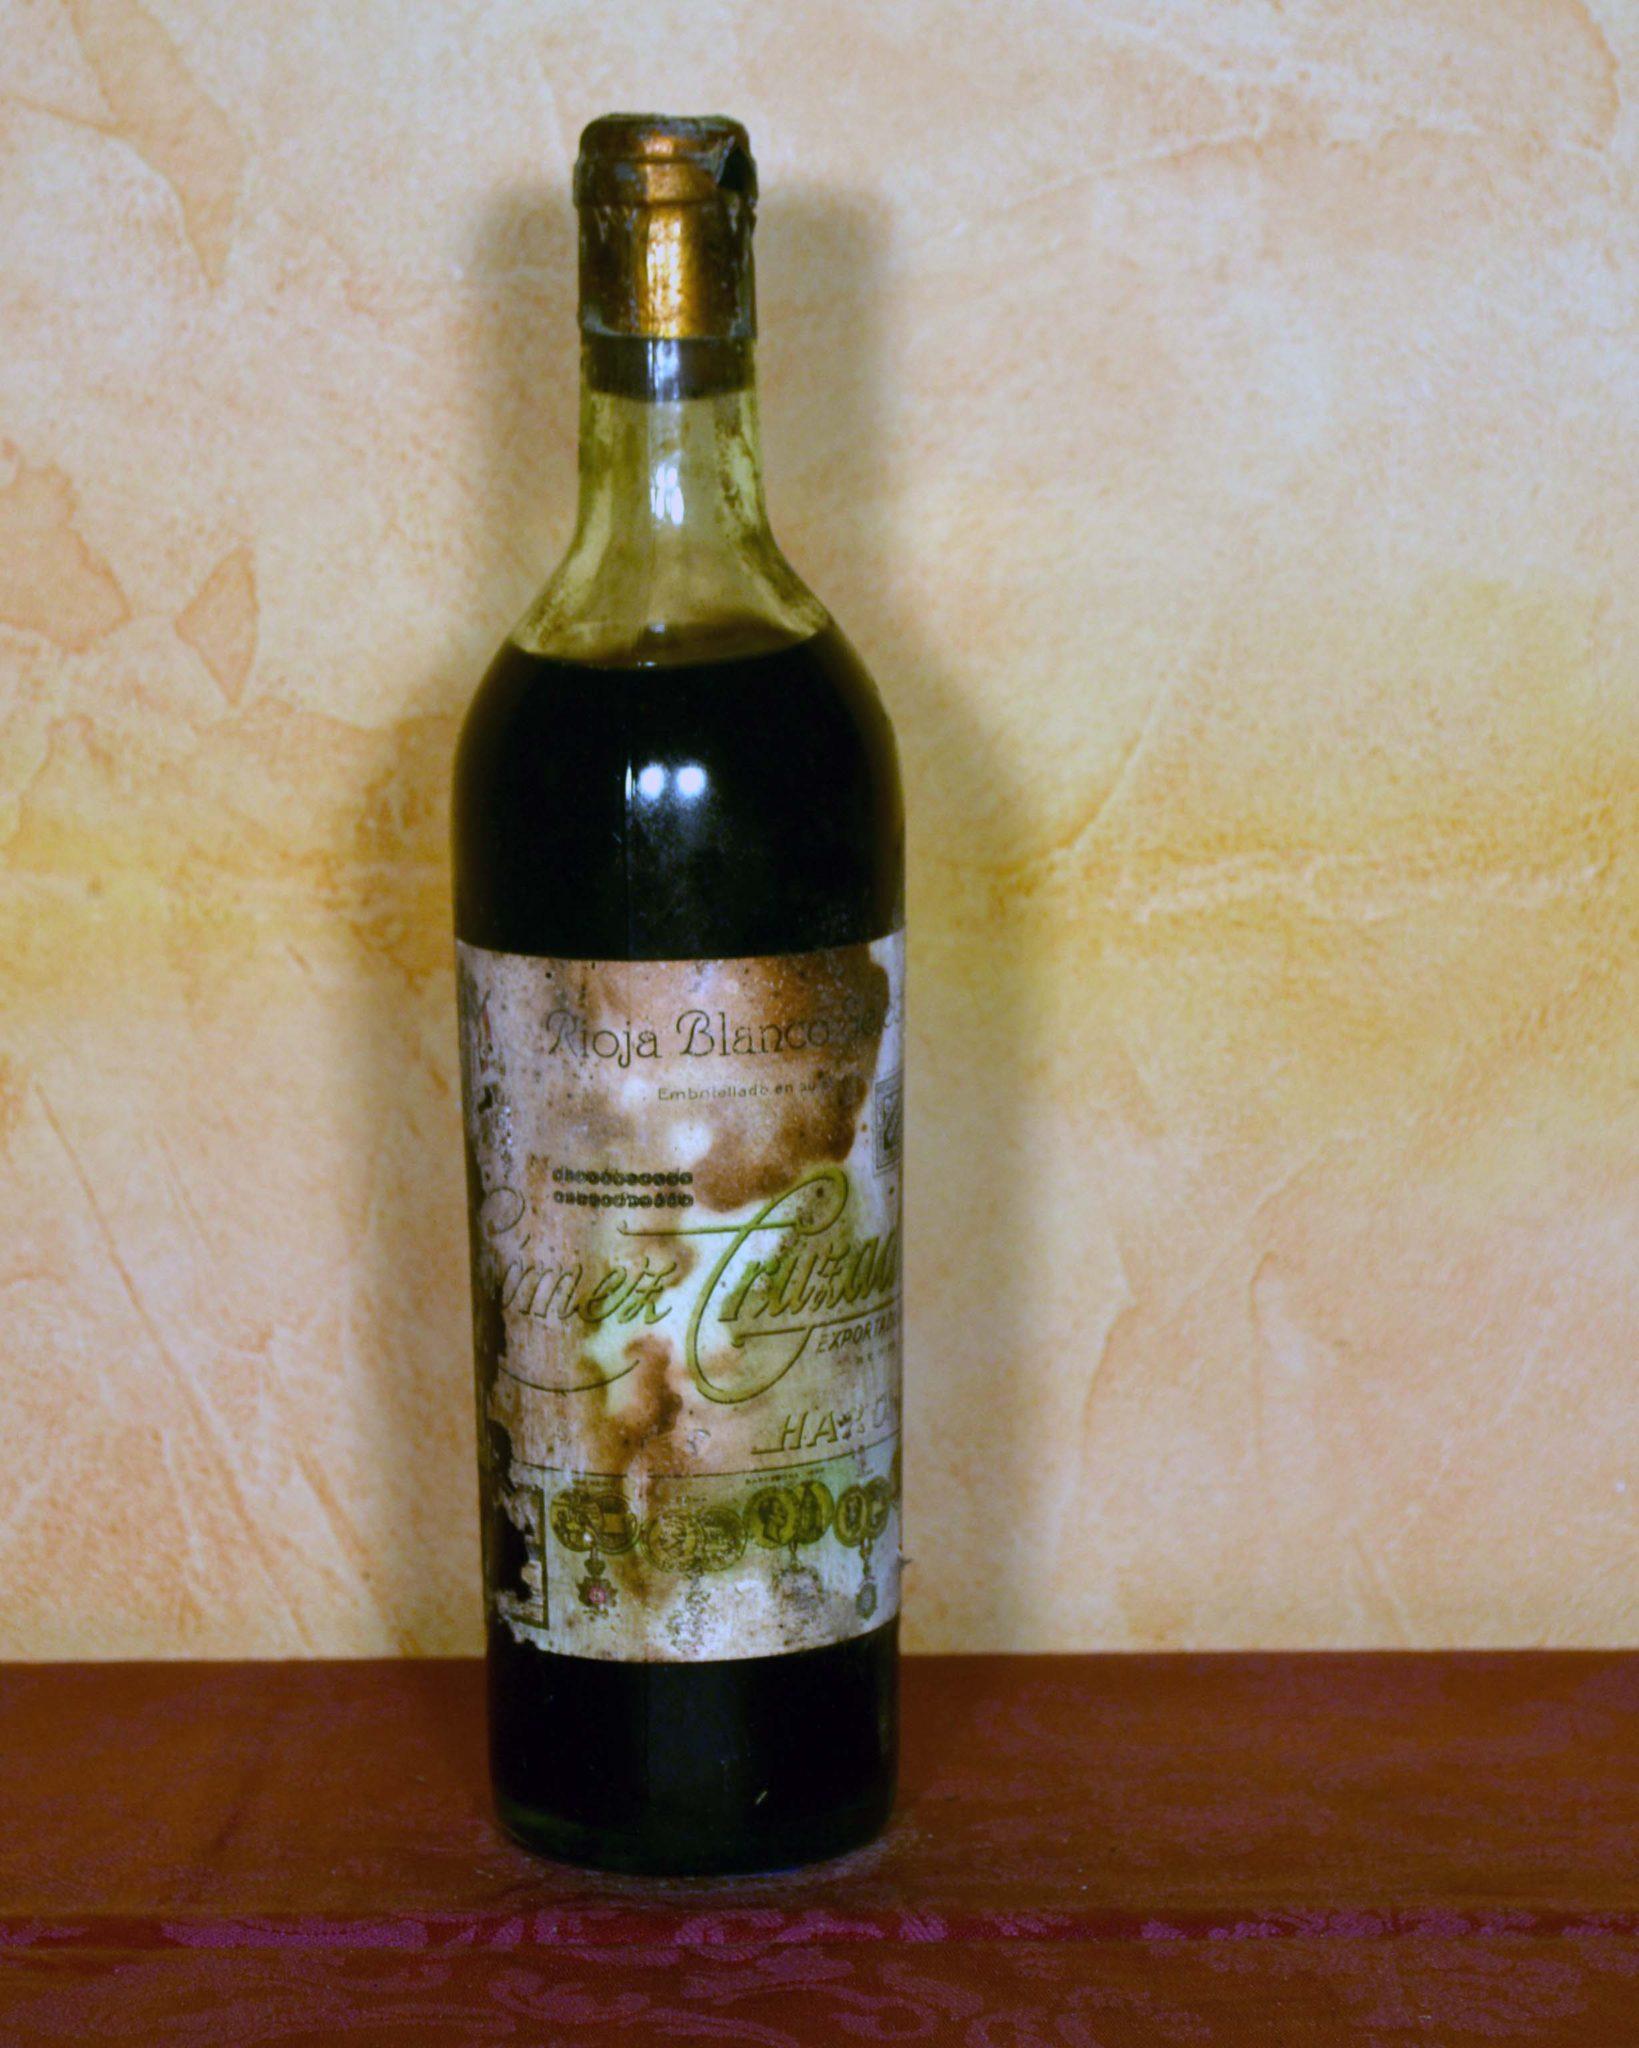 Gomez Cruzado Blanco Rioja Años 40